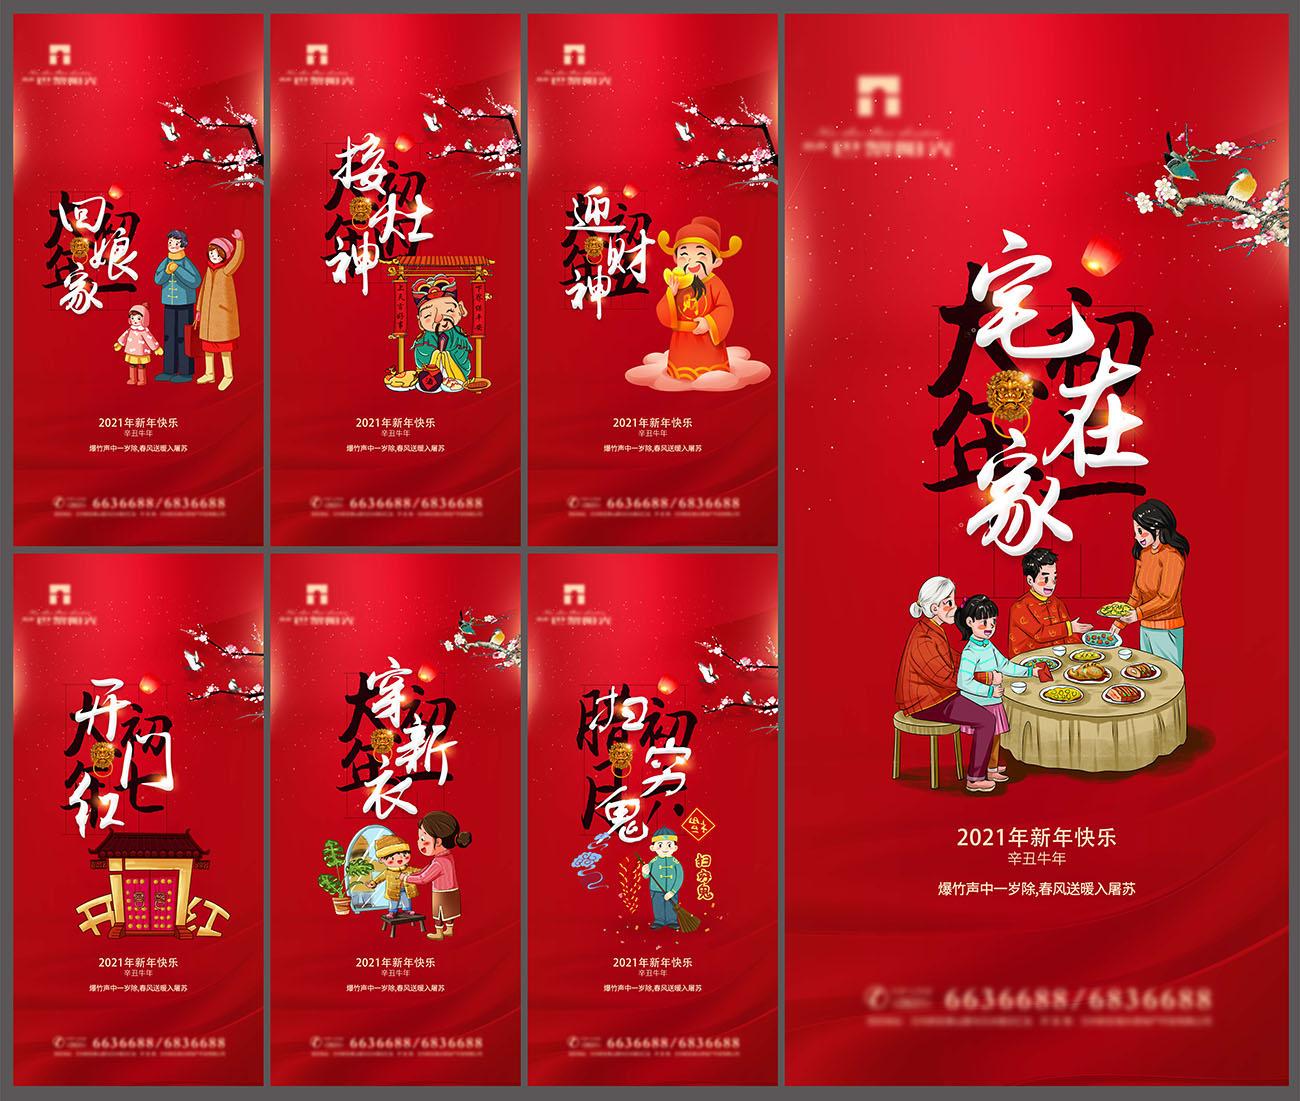 地产春节年俗系列日贴PSD源文件插图